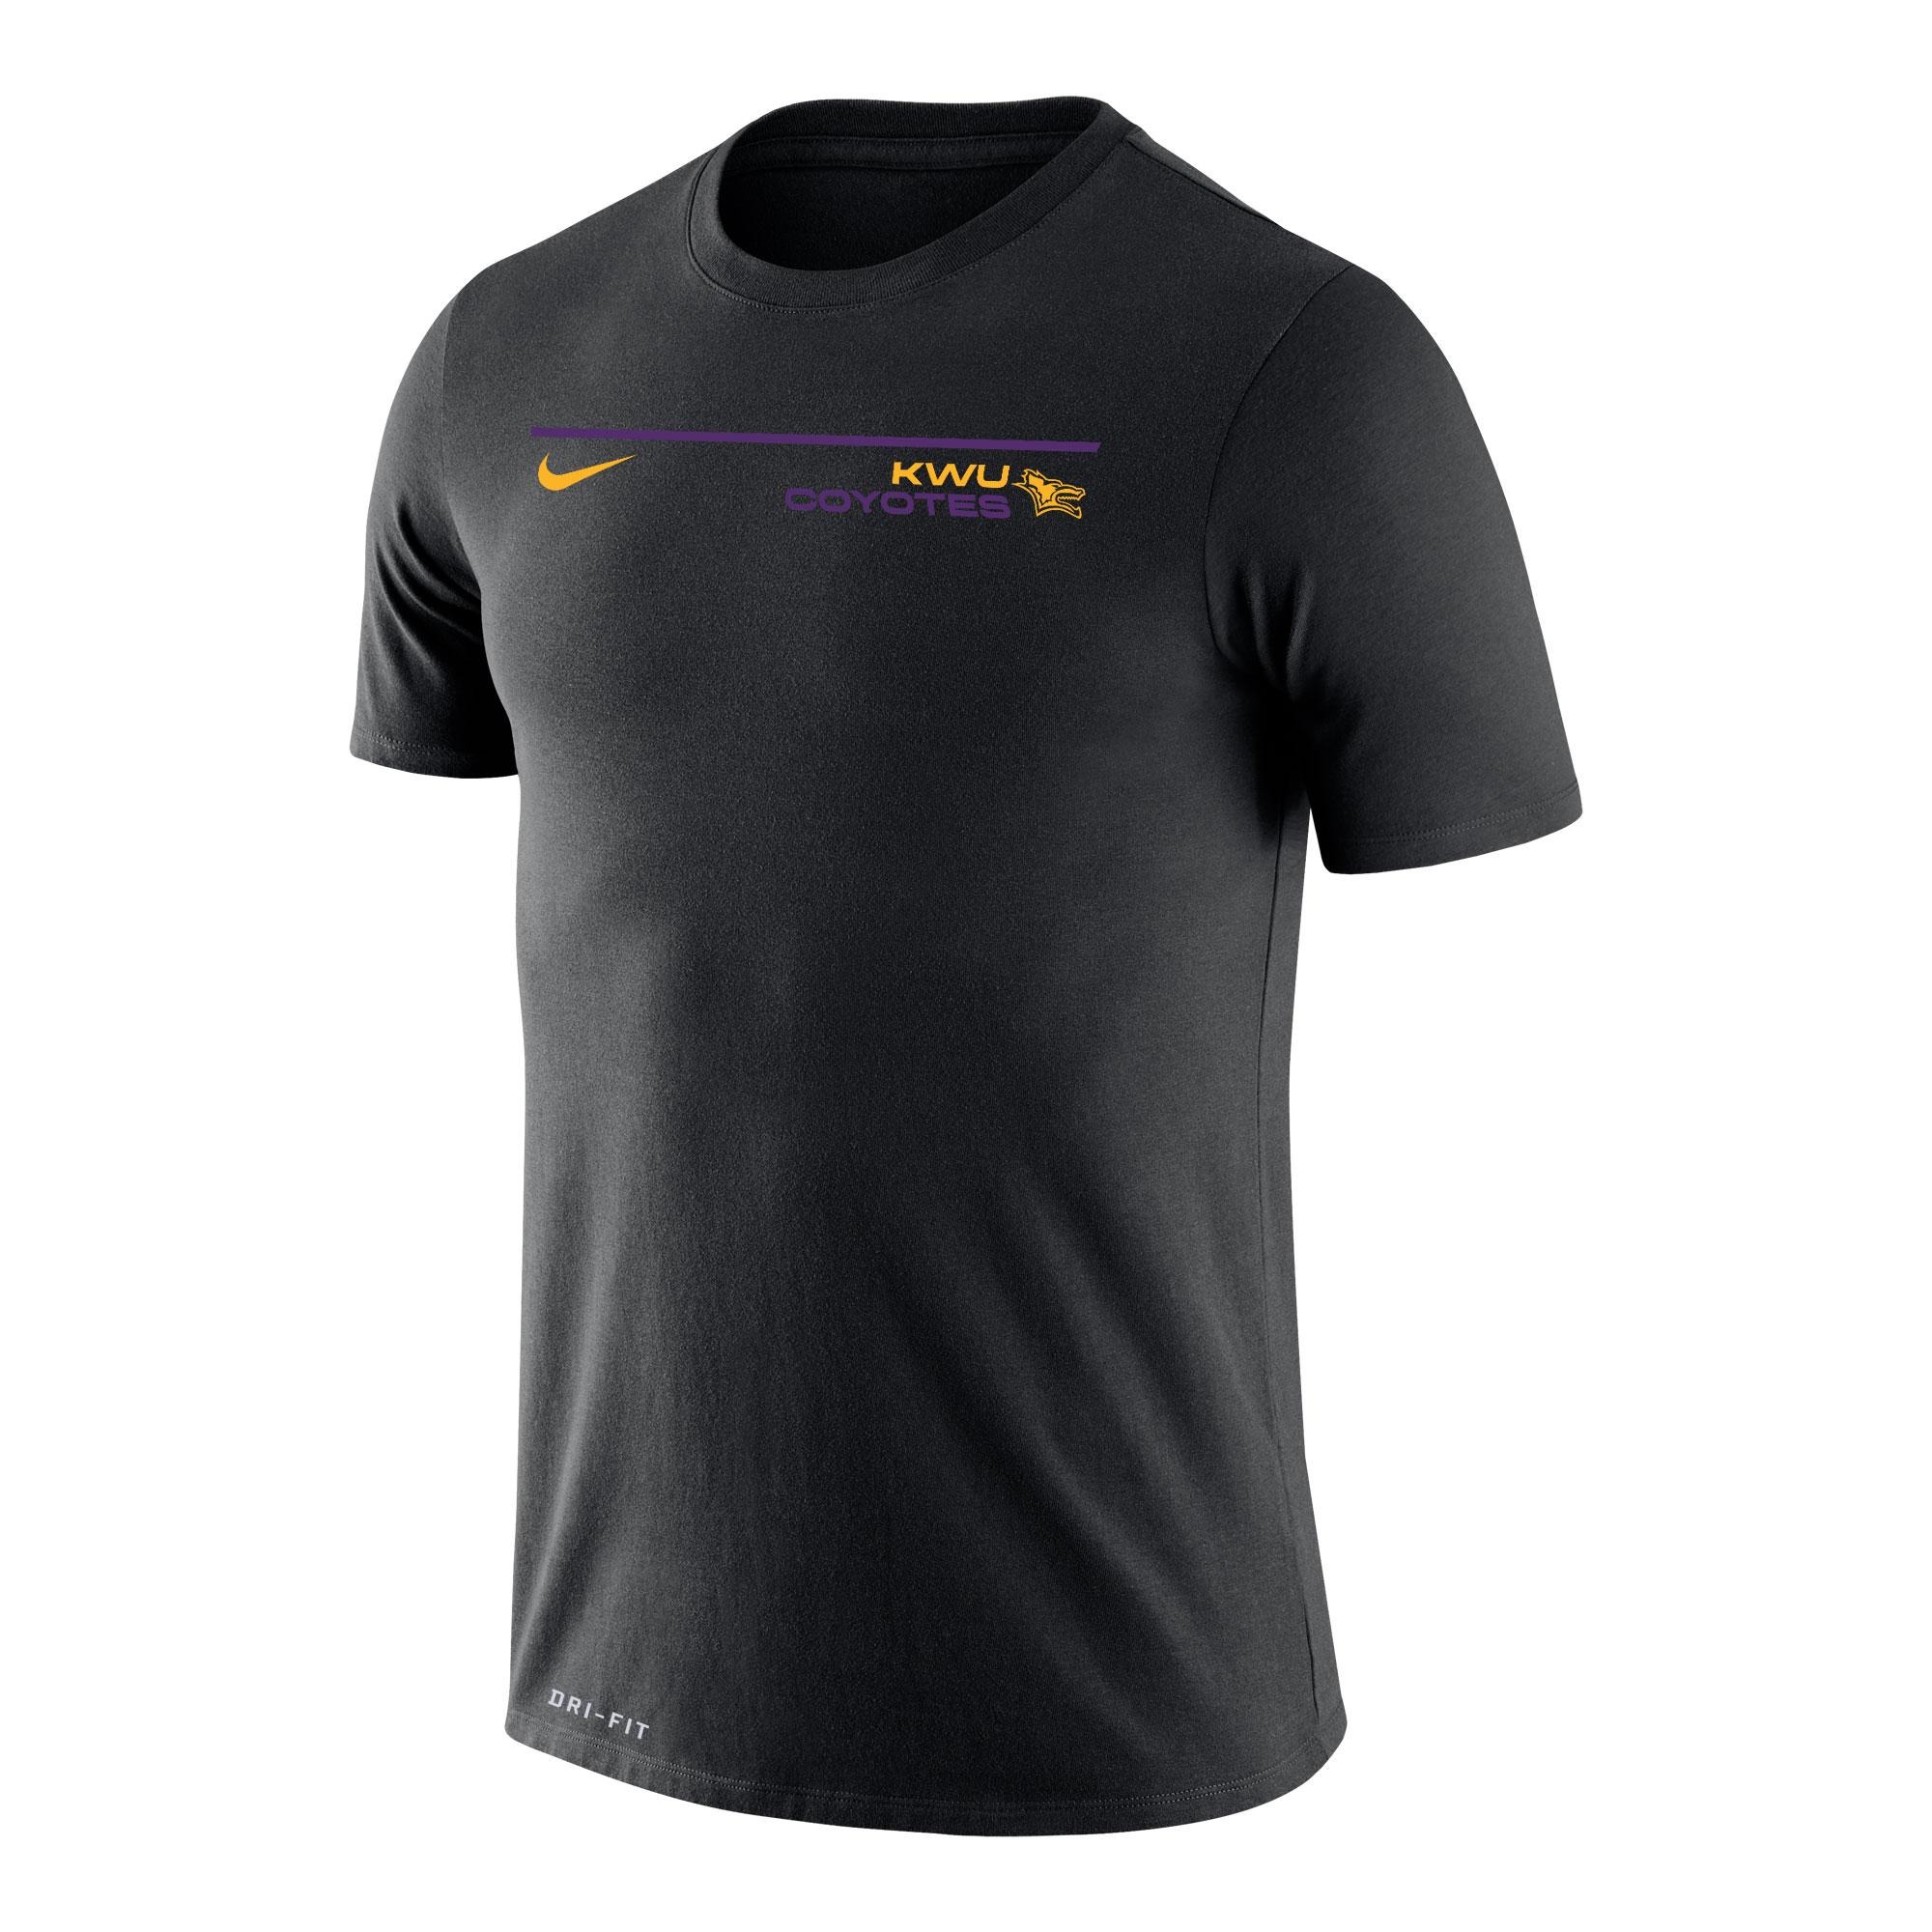 KWU Nike Legend LS/SS Tee